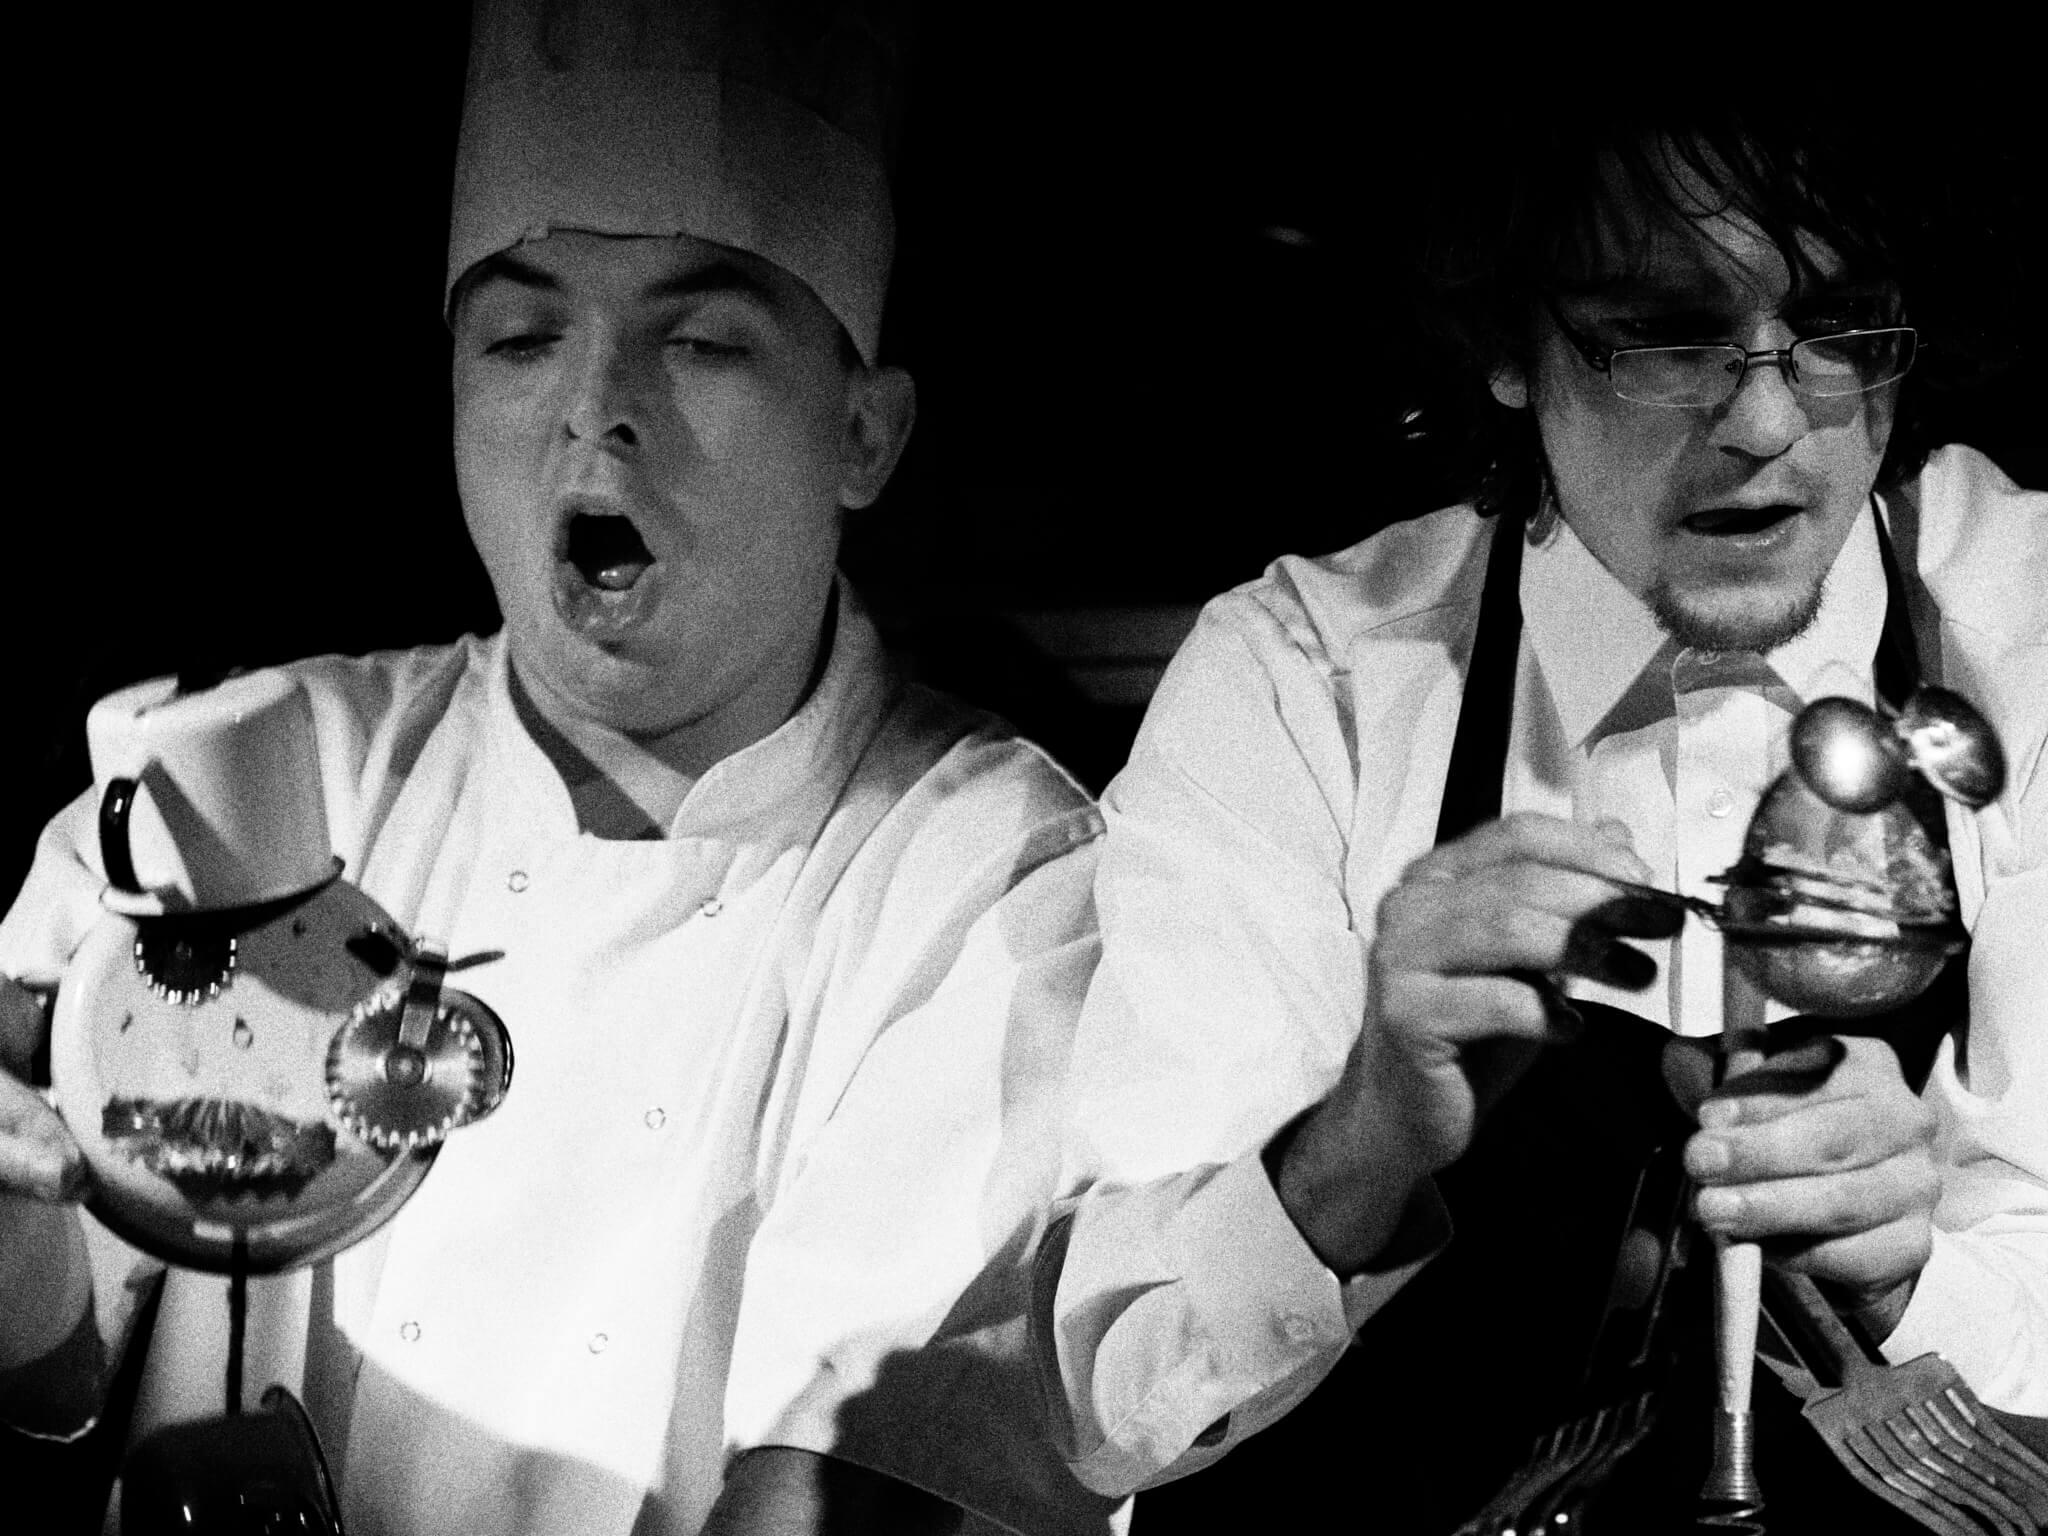 Zdjęcie ze spektaklu Wielkie Ciasto. Przedstawia dwóch aktorów przebranych za kucharzy animujących lalki zrobione z garnków.